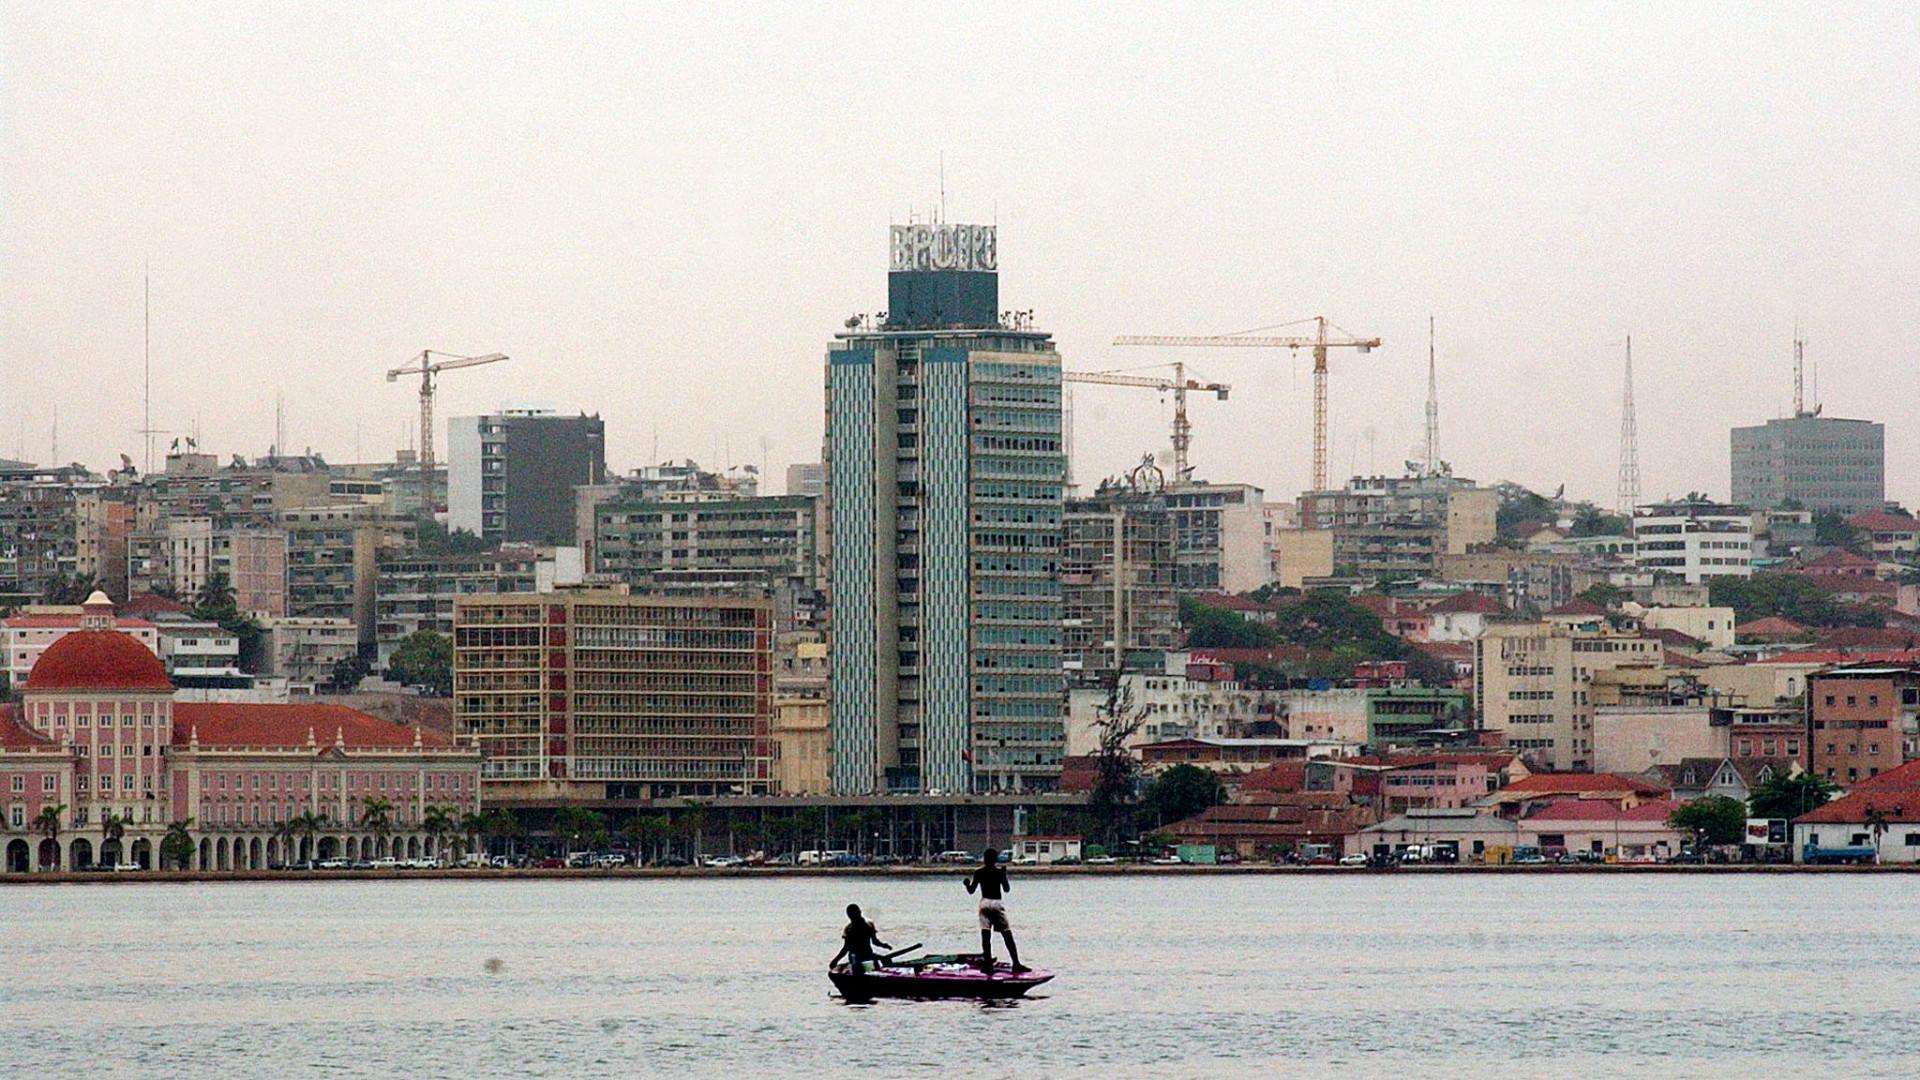 Funcionários do fisco angolano detidos por desvio de dinheiro de impostos